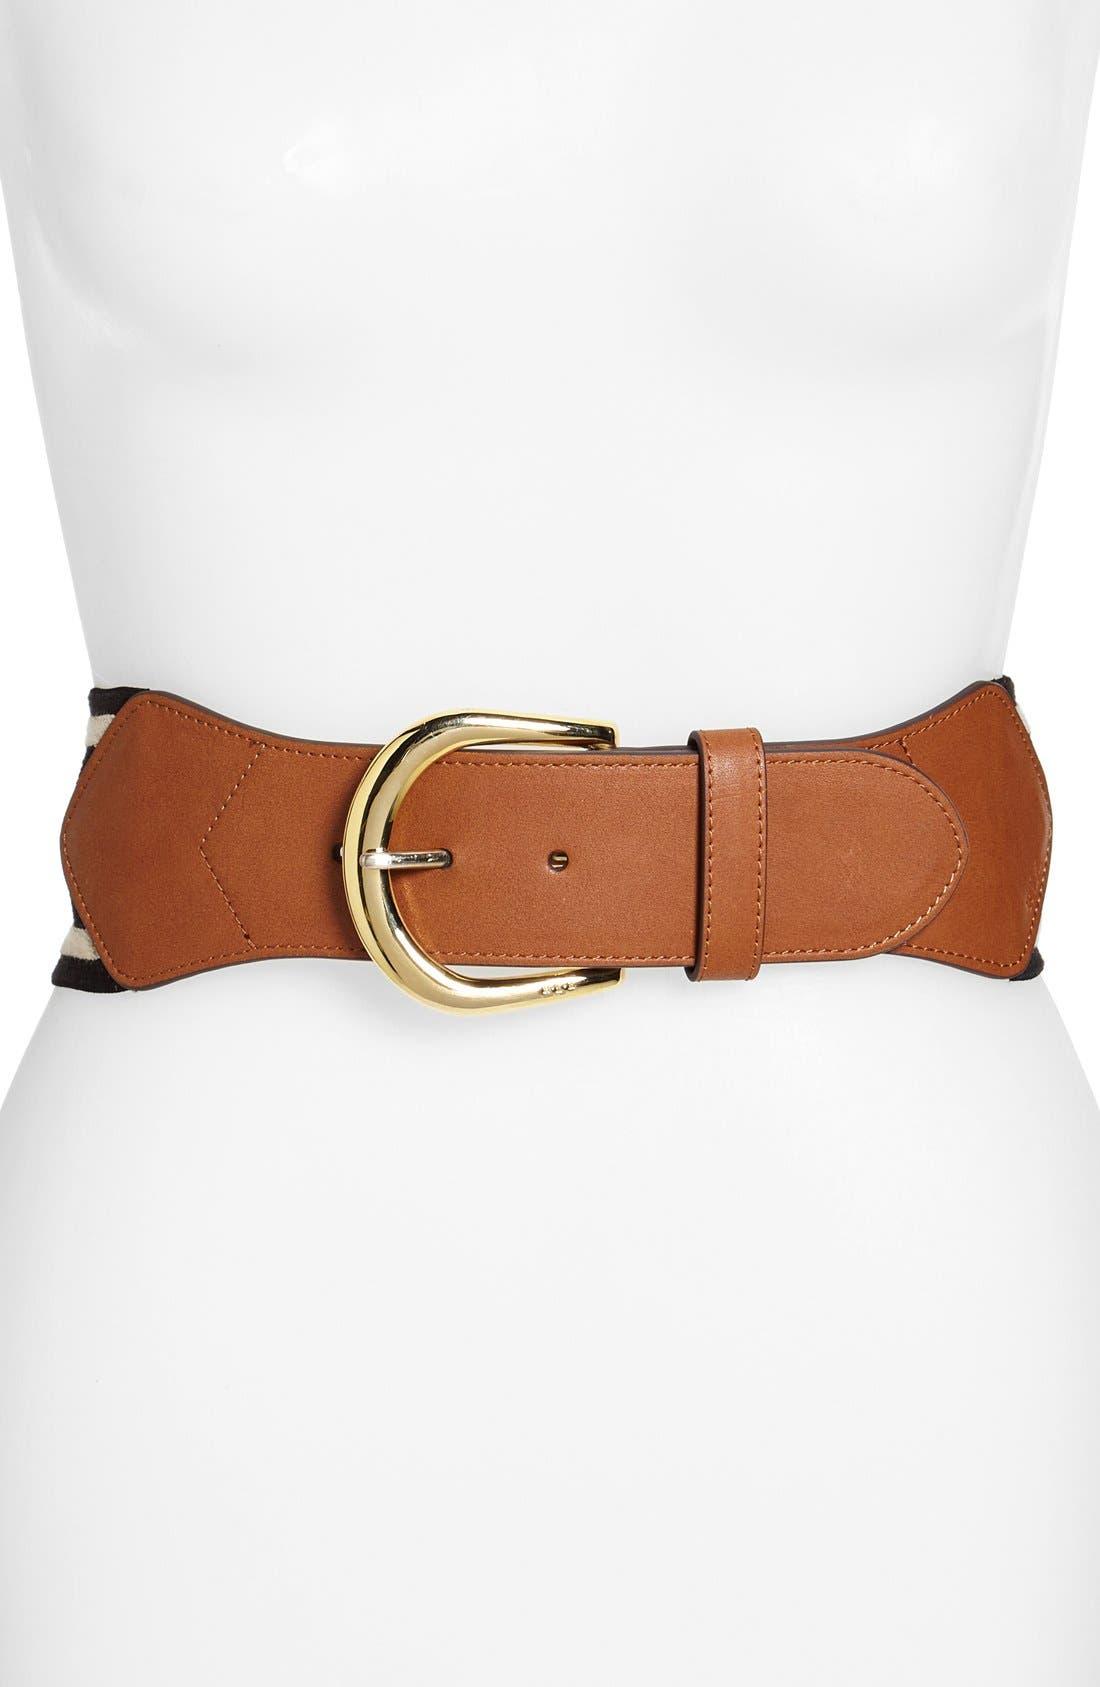 Alternate Image 1 Selected - Lauren Ralph Lauren Stripe Elastic & Leather Belt